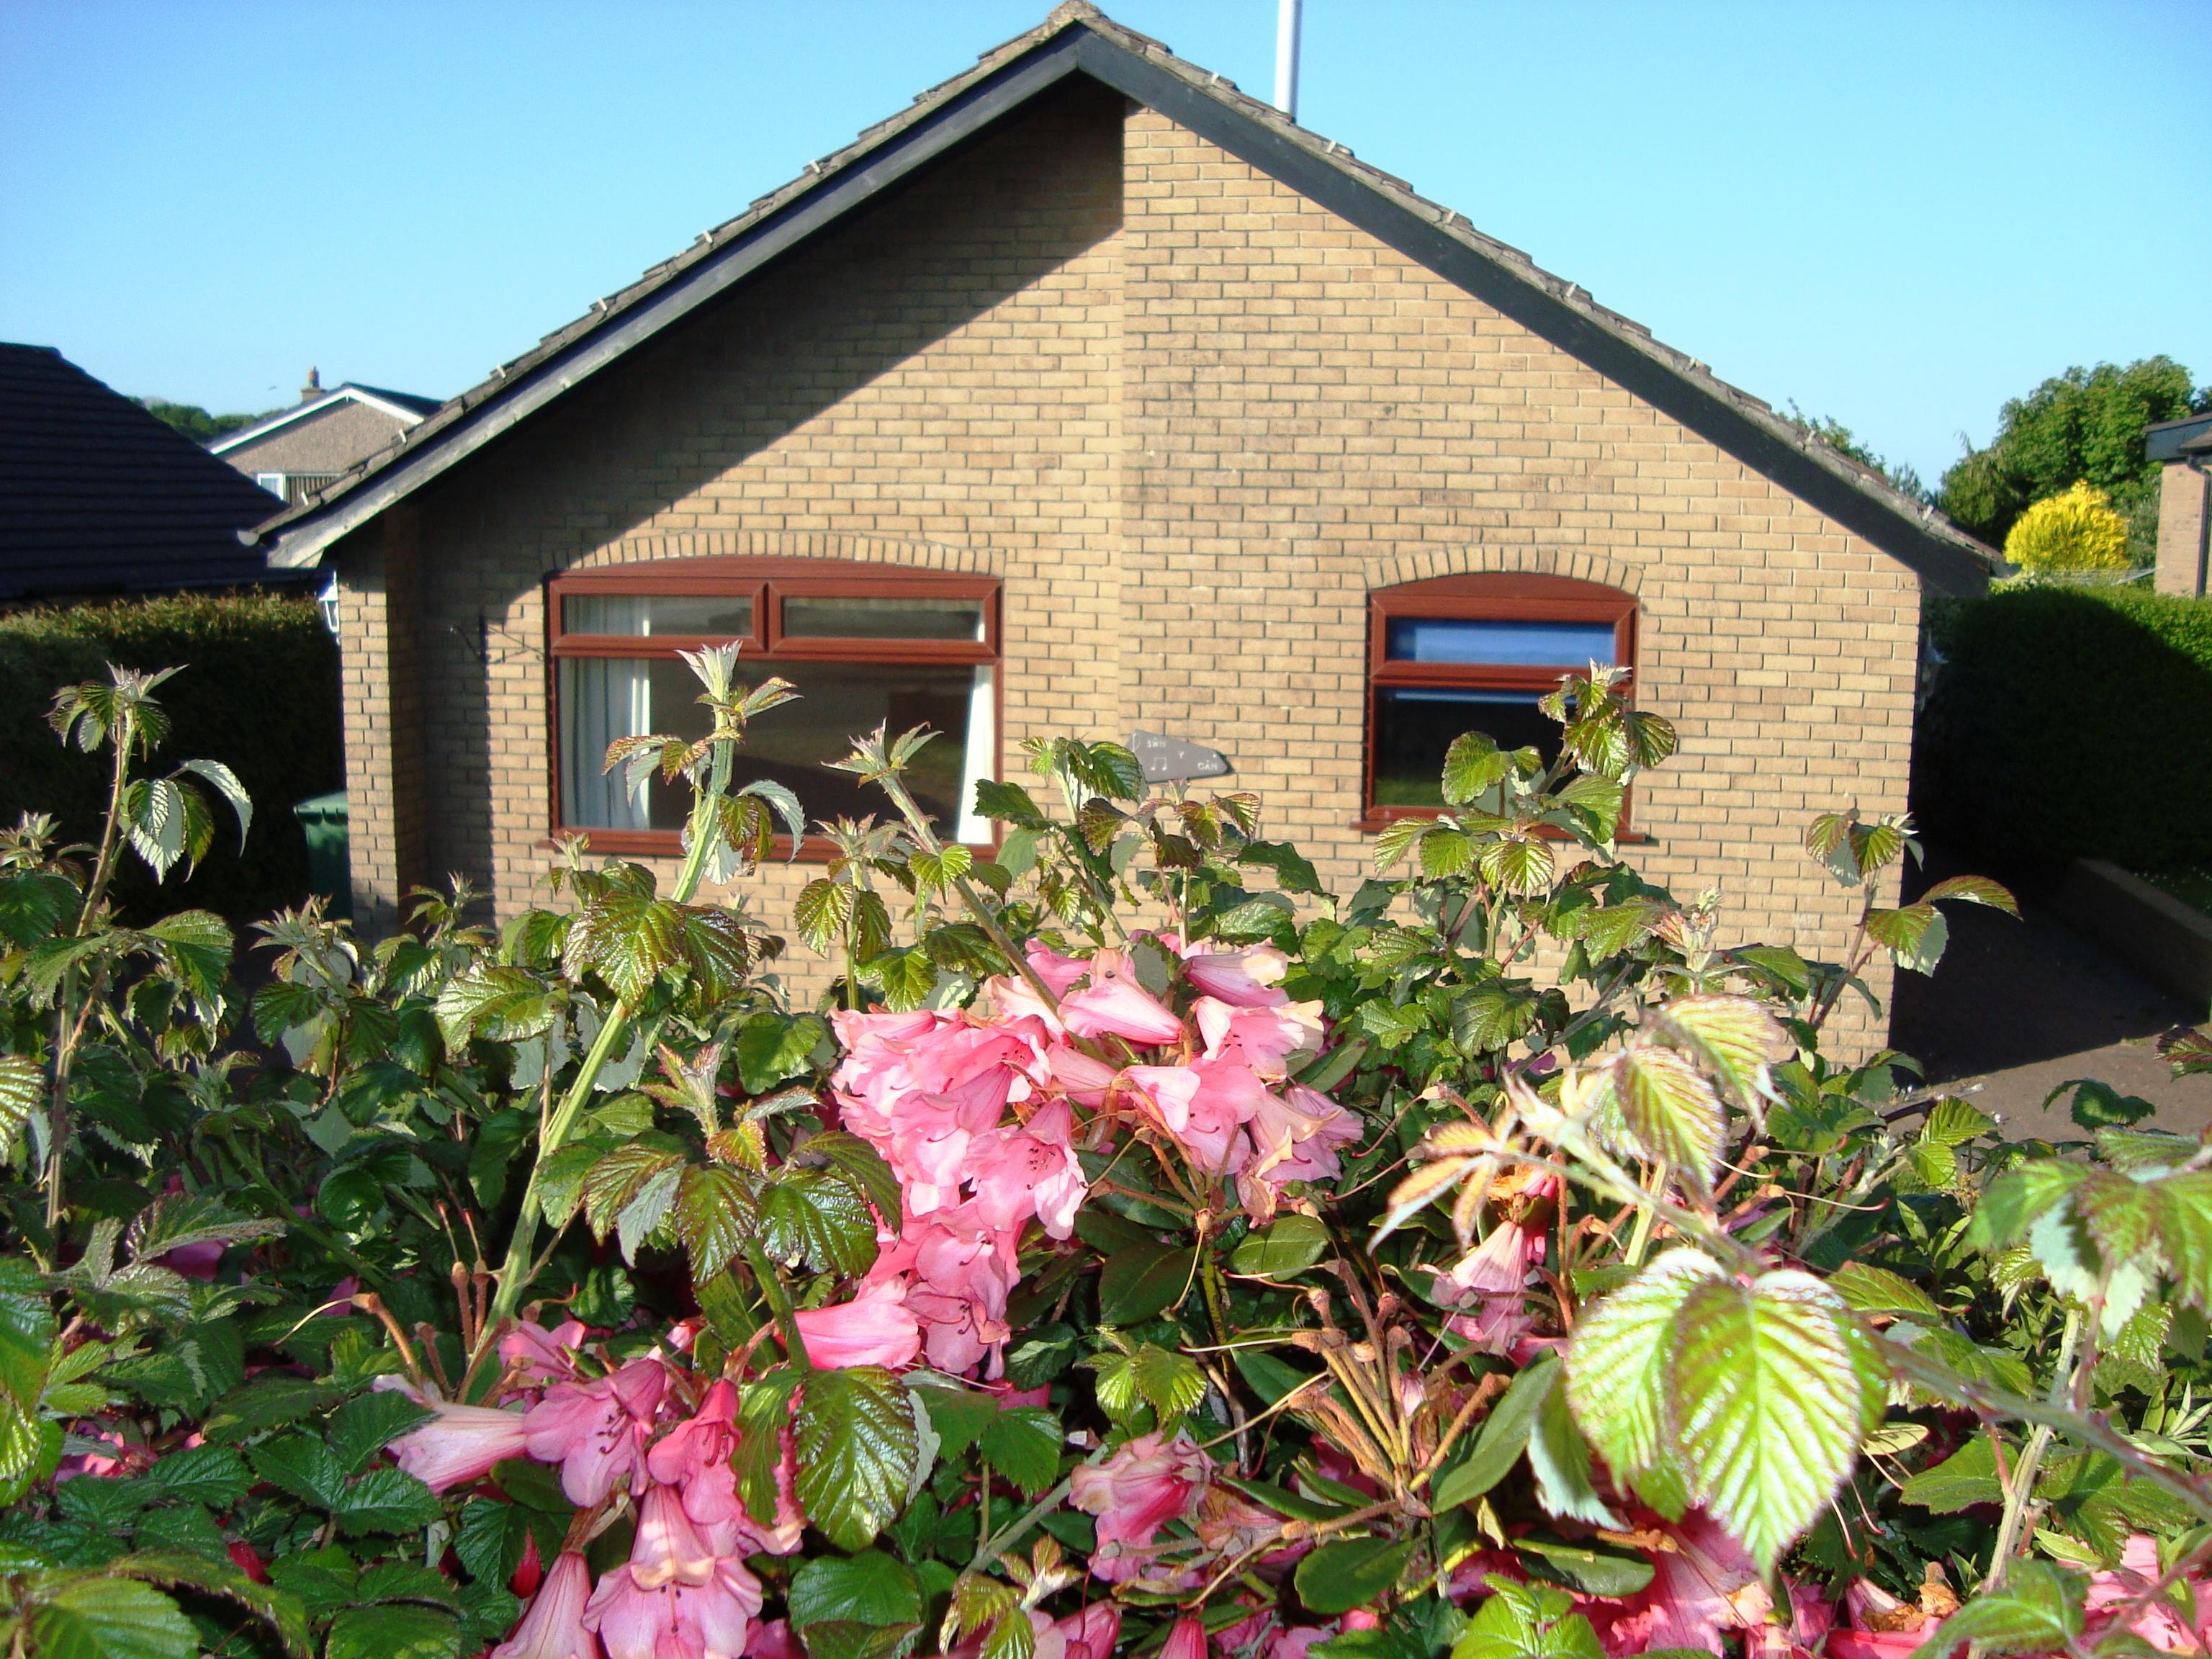 Rhos Llwyn, Llangefni, Anglesey